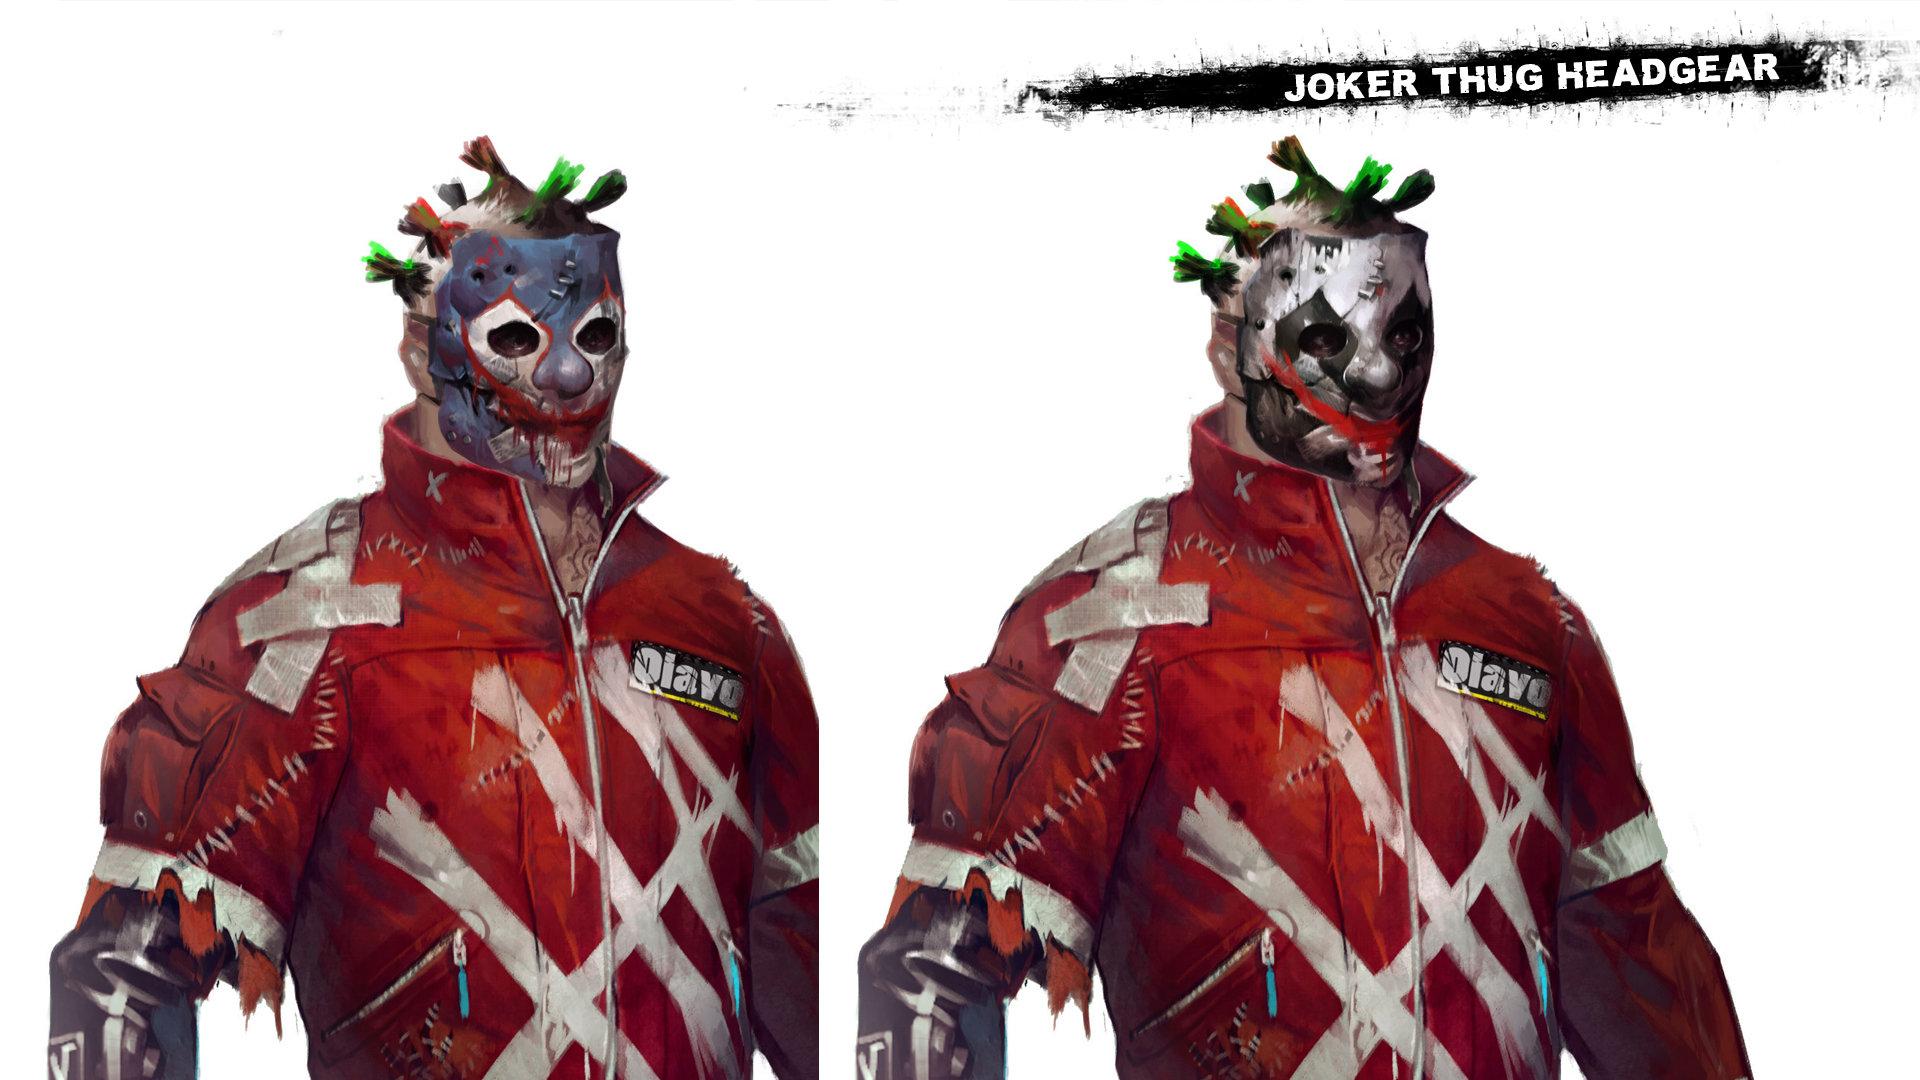 Manuel augusto dischinger moura splashdamage joker thug headgear1 shattered1